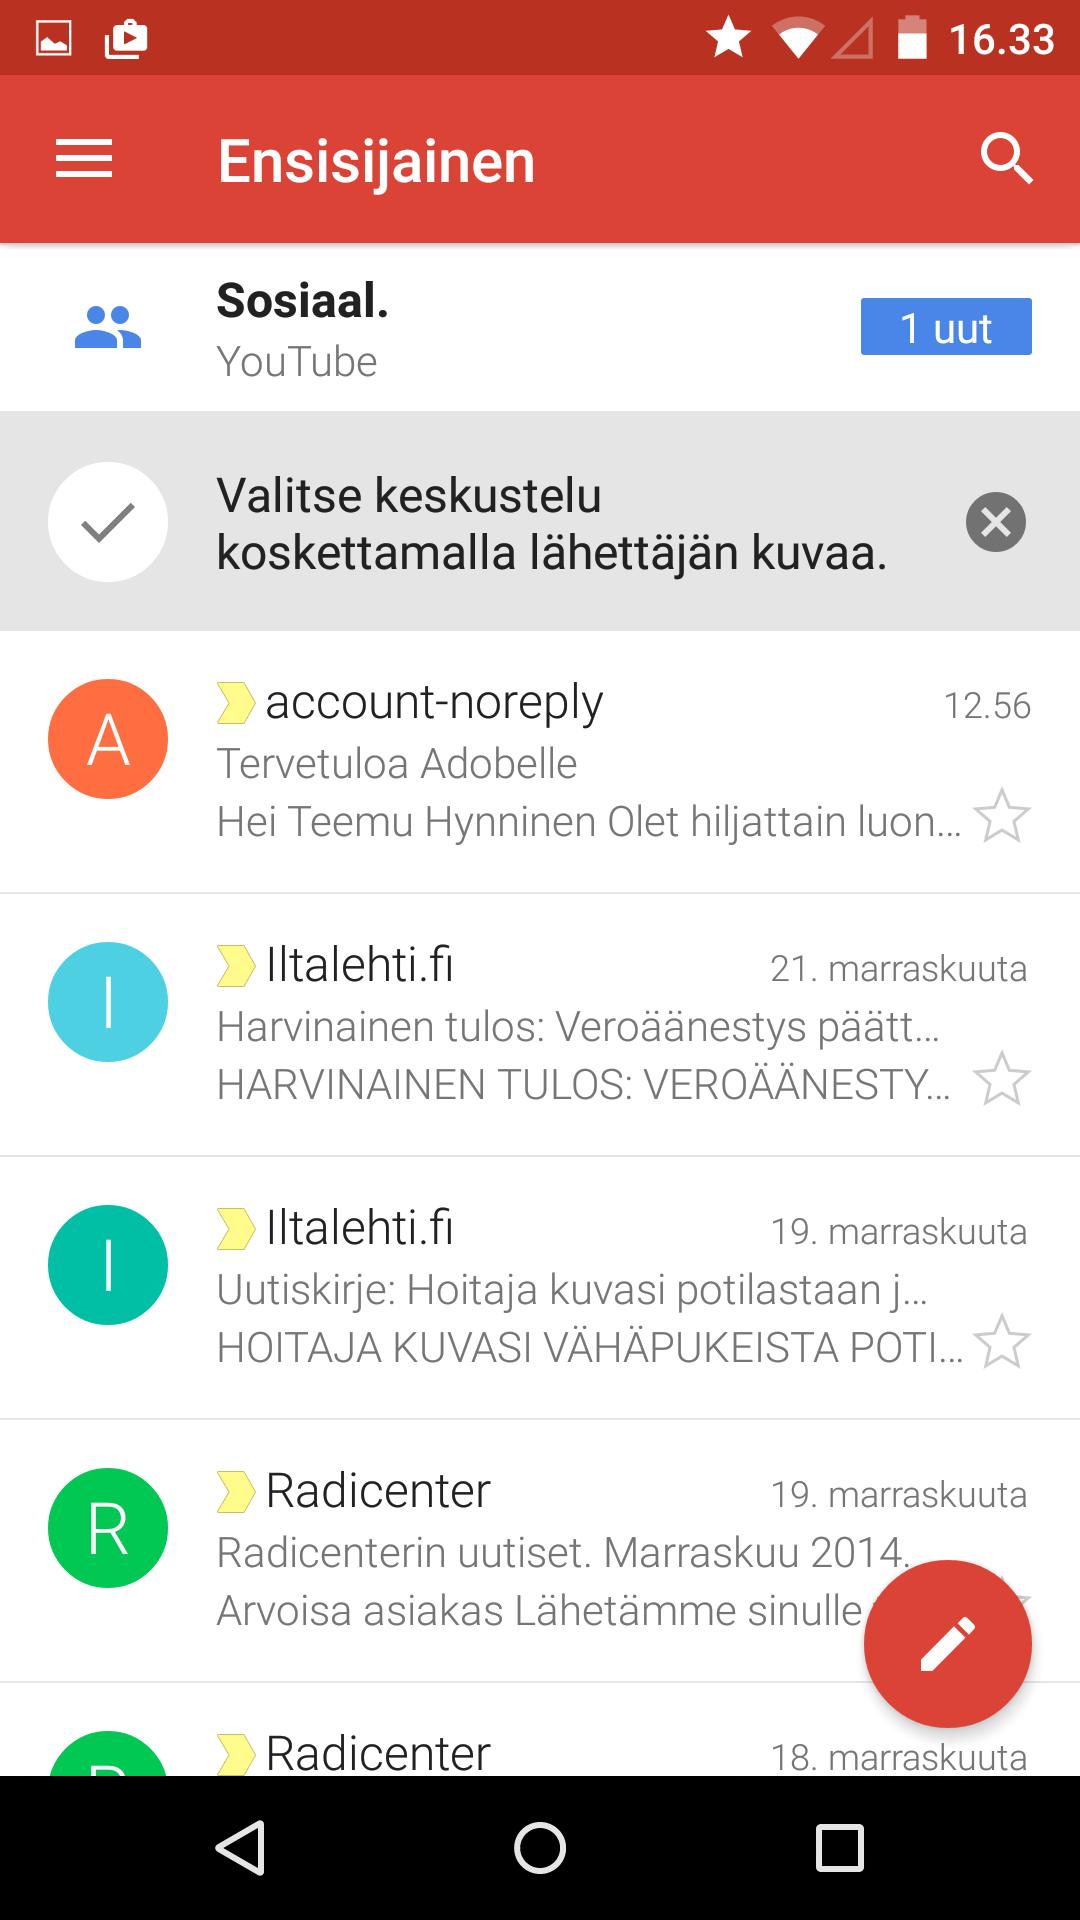 Android 5.0 Lollipop | Teemu Hynninen